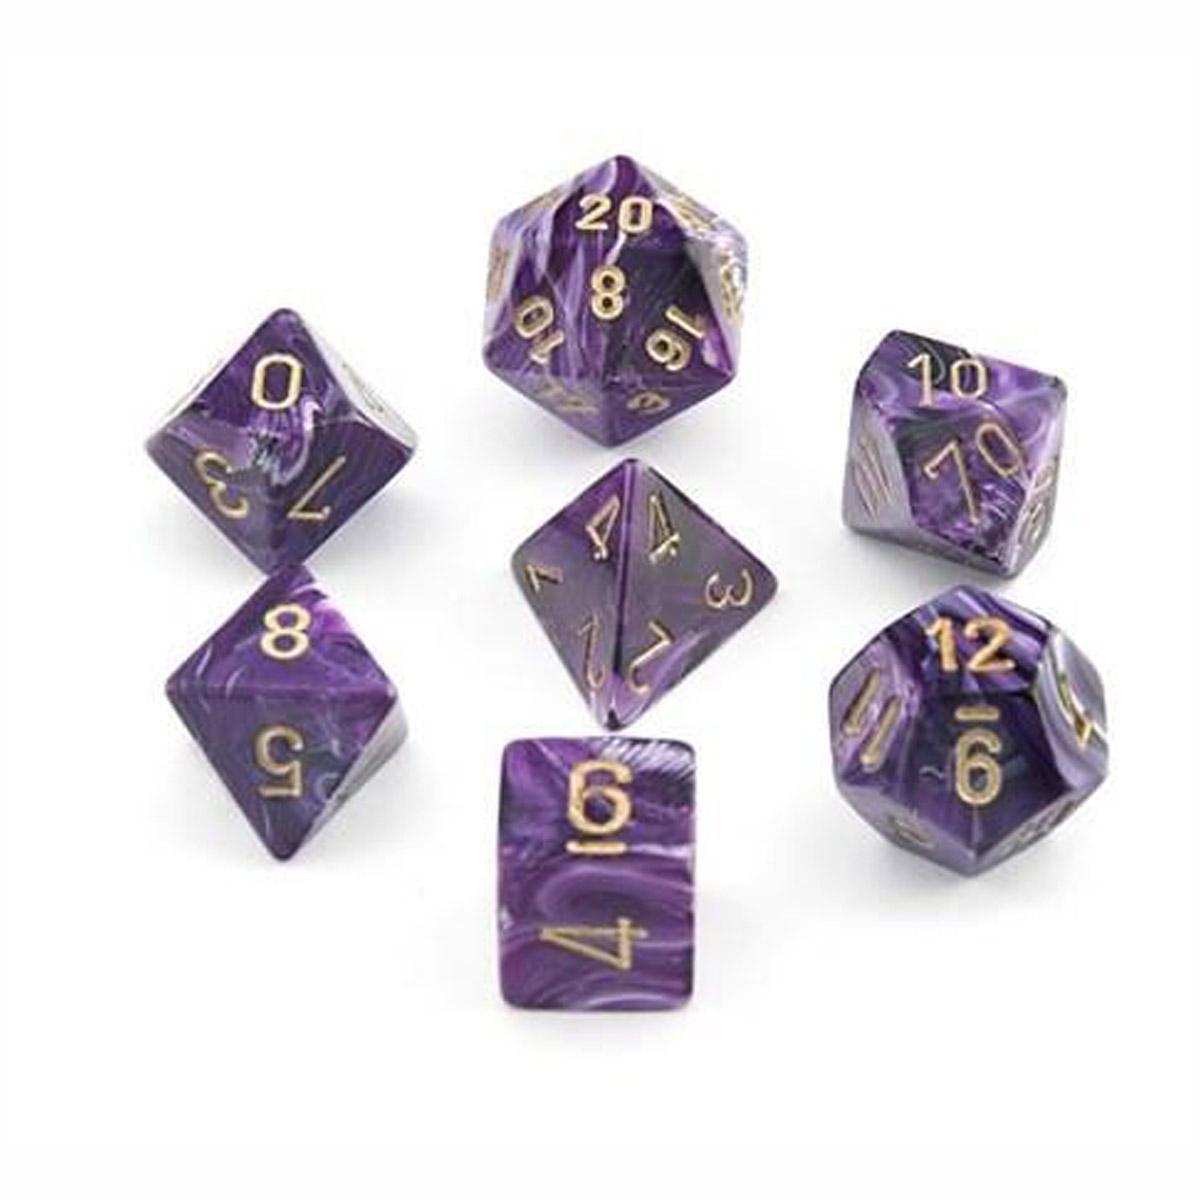 Boite de Set de 7 dés Gemini - Violet et blanc